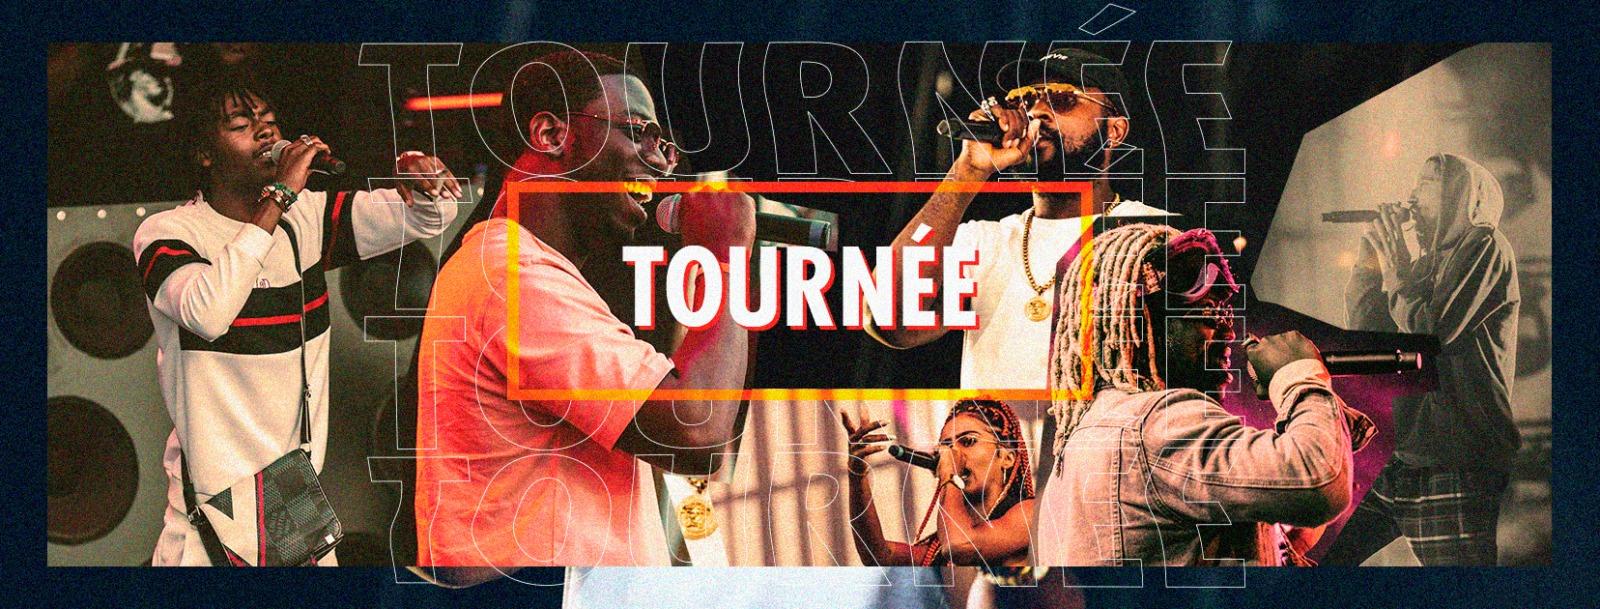 TOURNEEV2 1 - Tournée